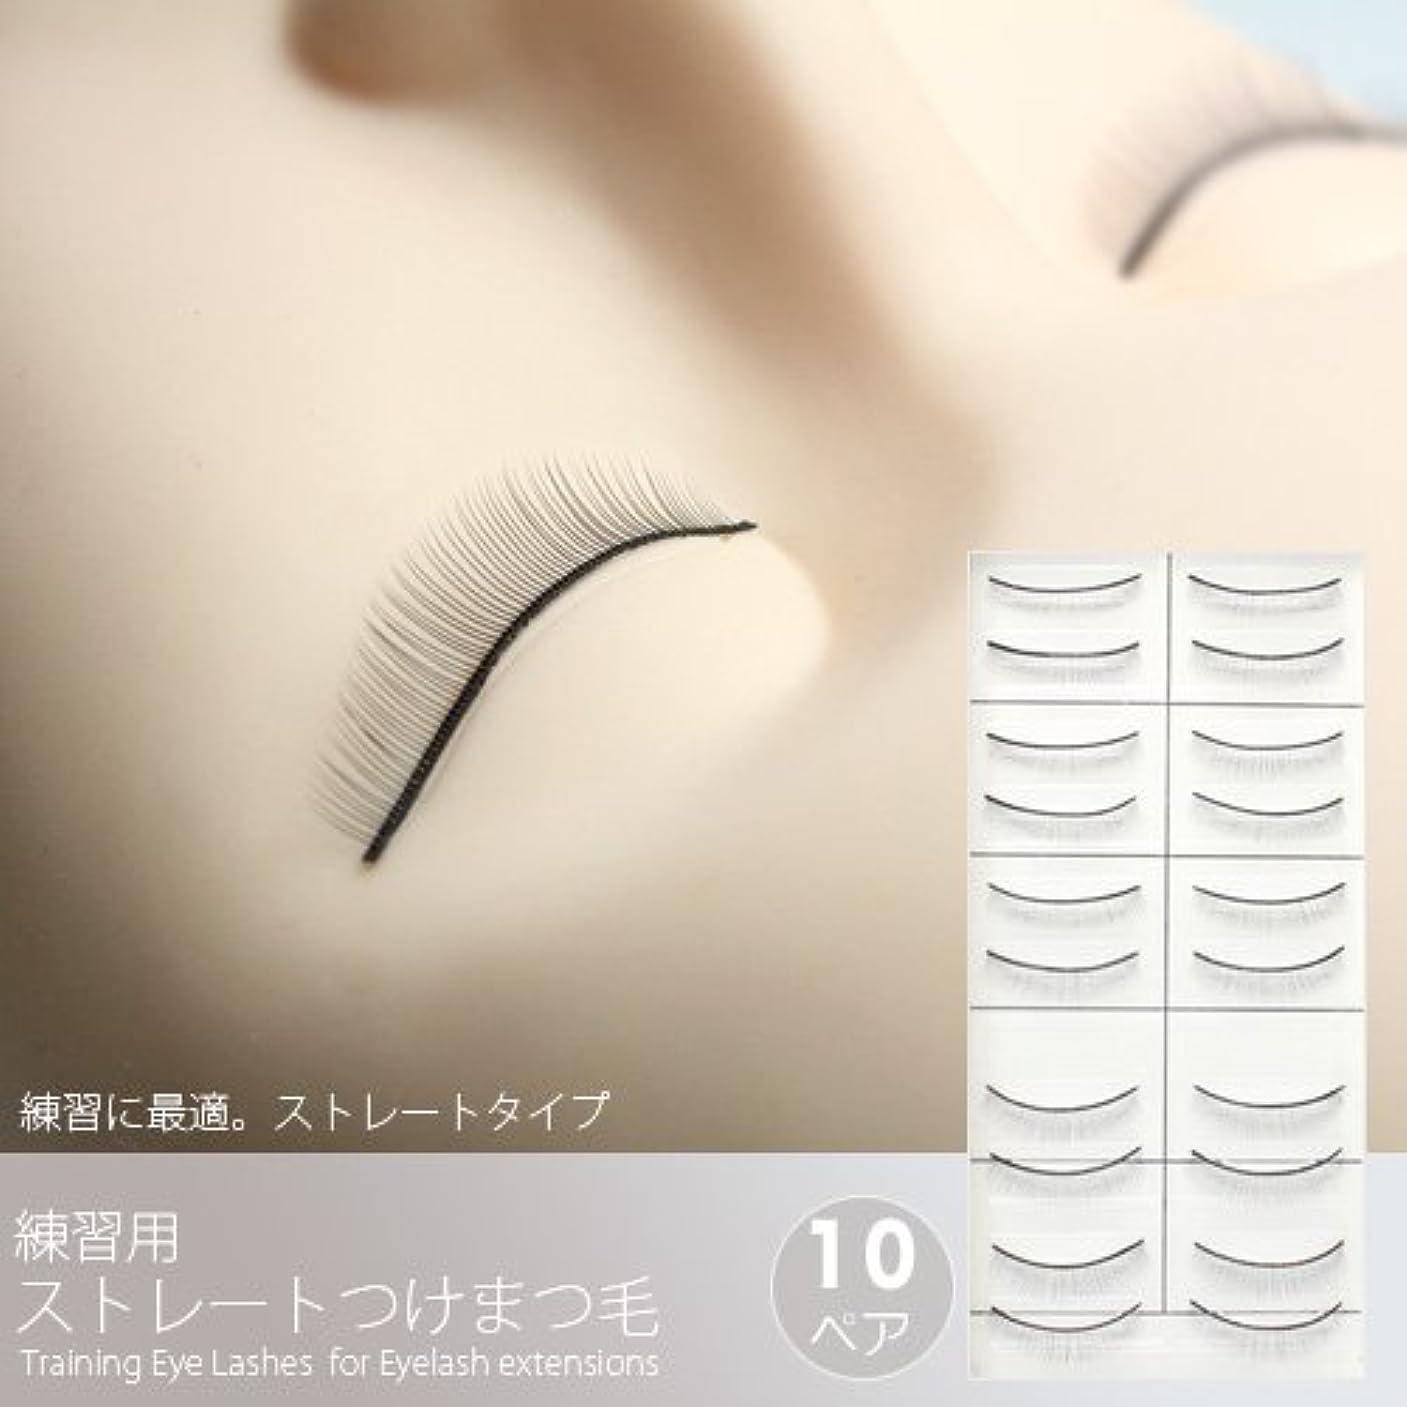 匹敵しますブロッサム遵守する練習用ストレートつけまつげ(10ペア)[Training Eye Lashes ]/まつ毛エクステ商材